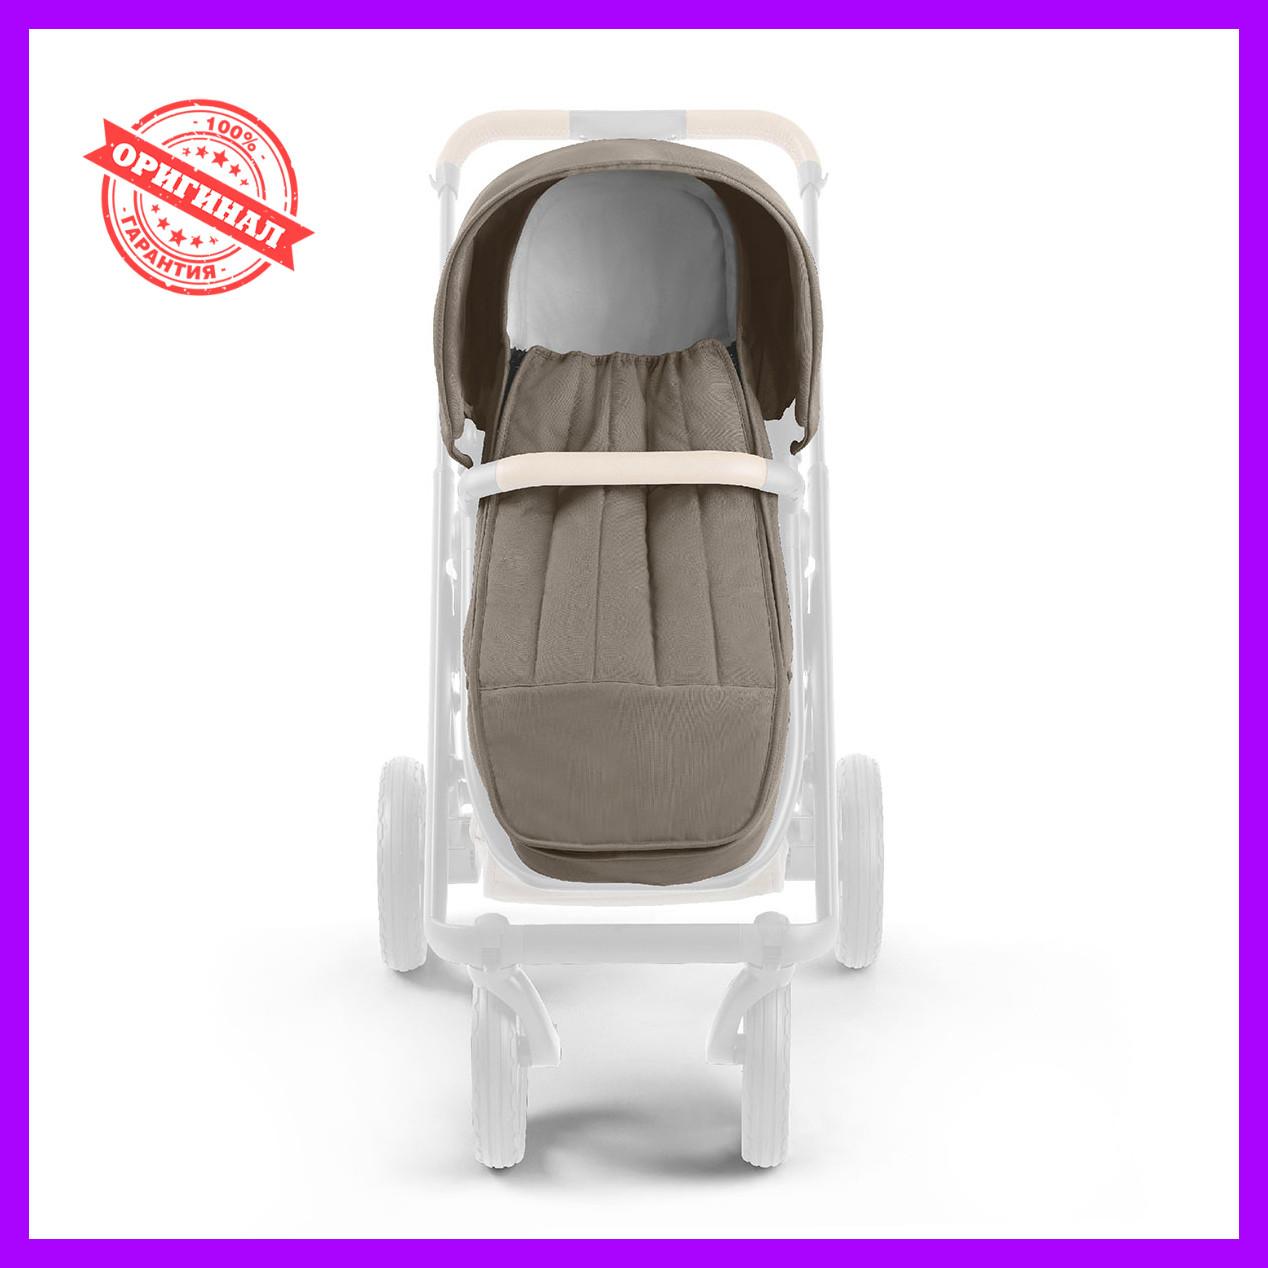 Спальный мешок в коляску Neonato Puro коричневый N959/BR